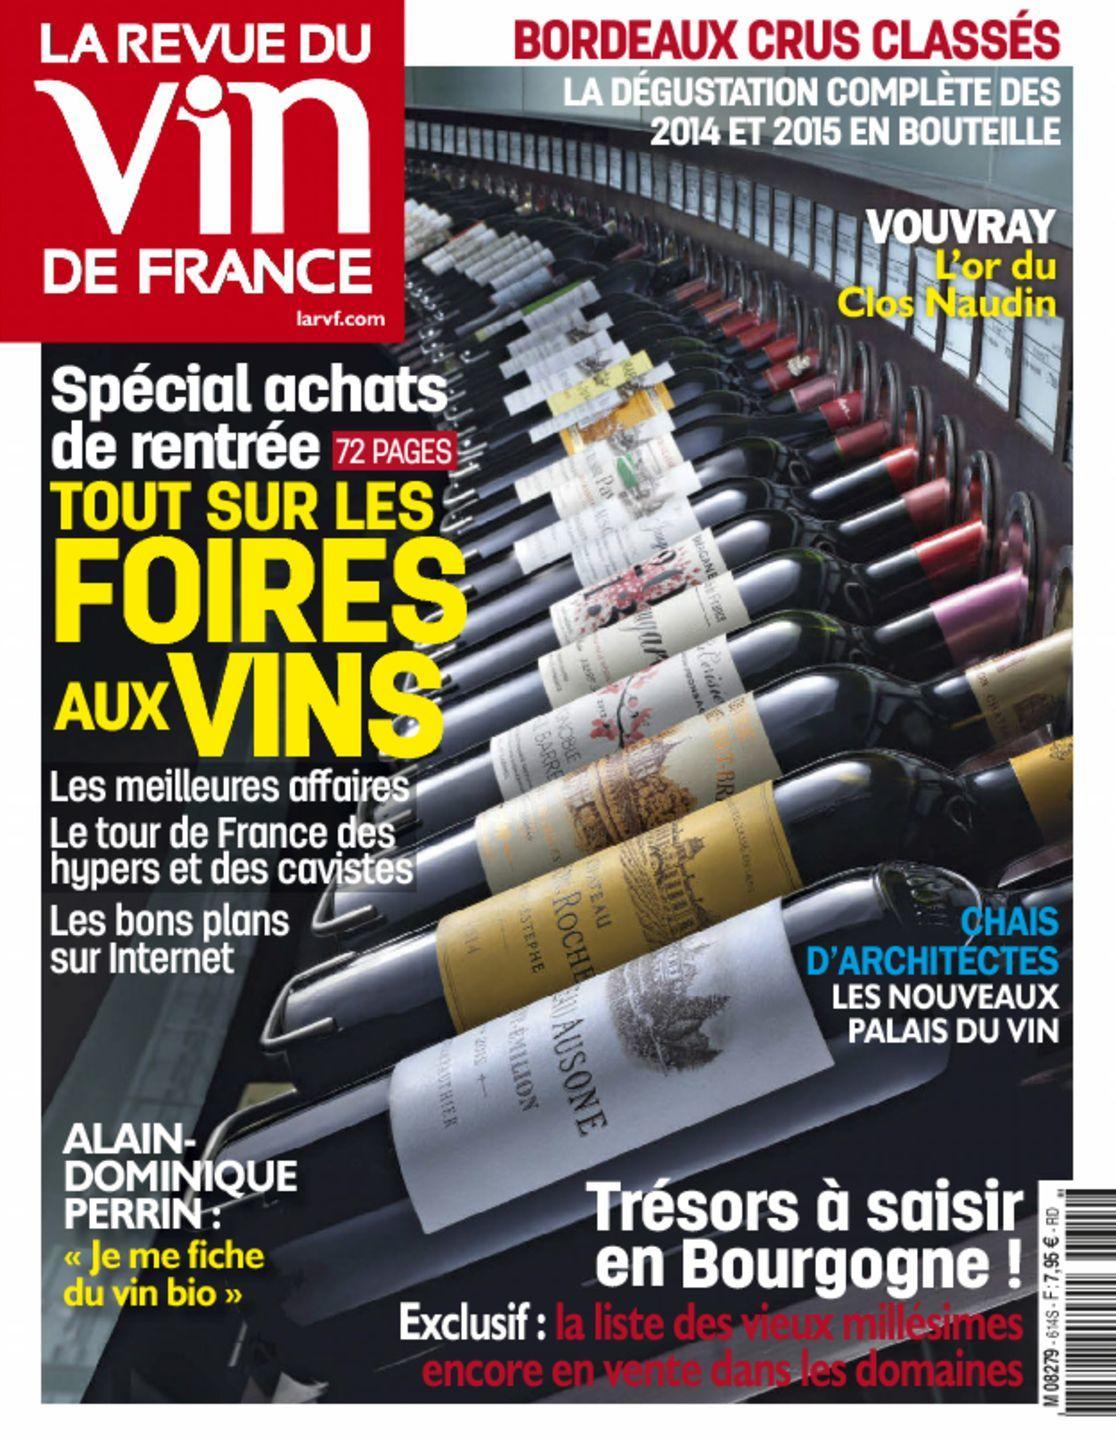 La revue du vin de france digital magazine subscription ca for Revue des vins de france